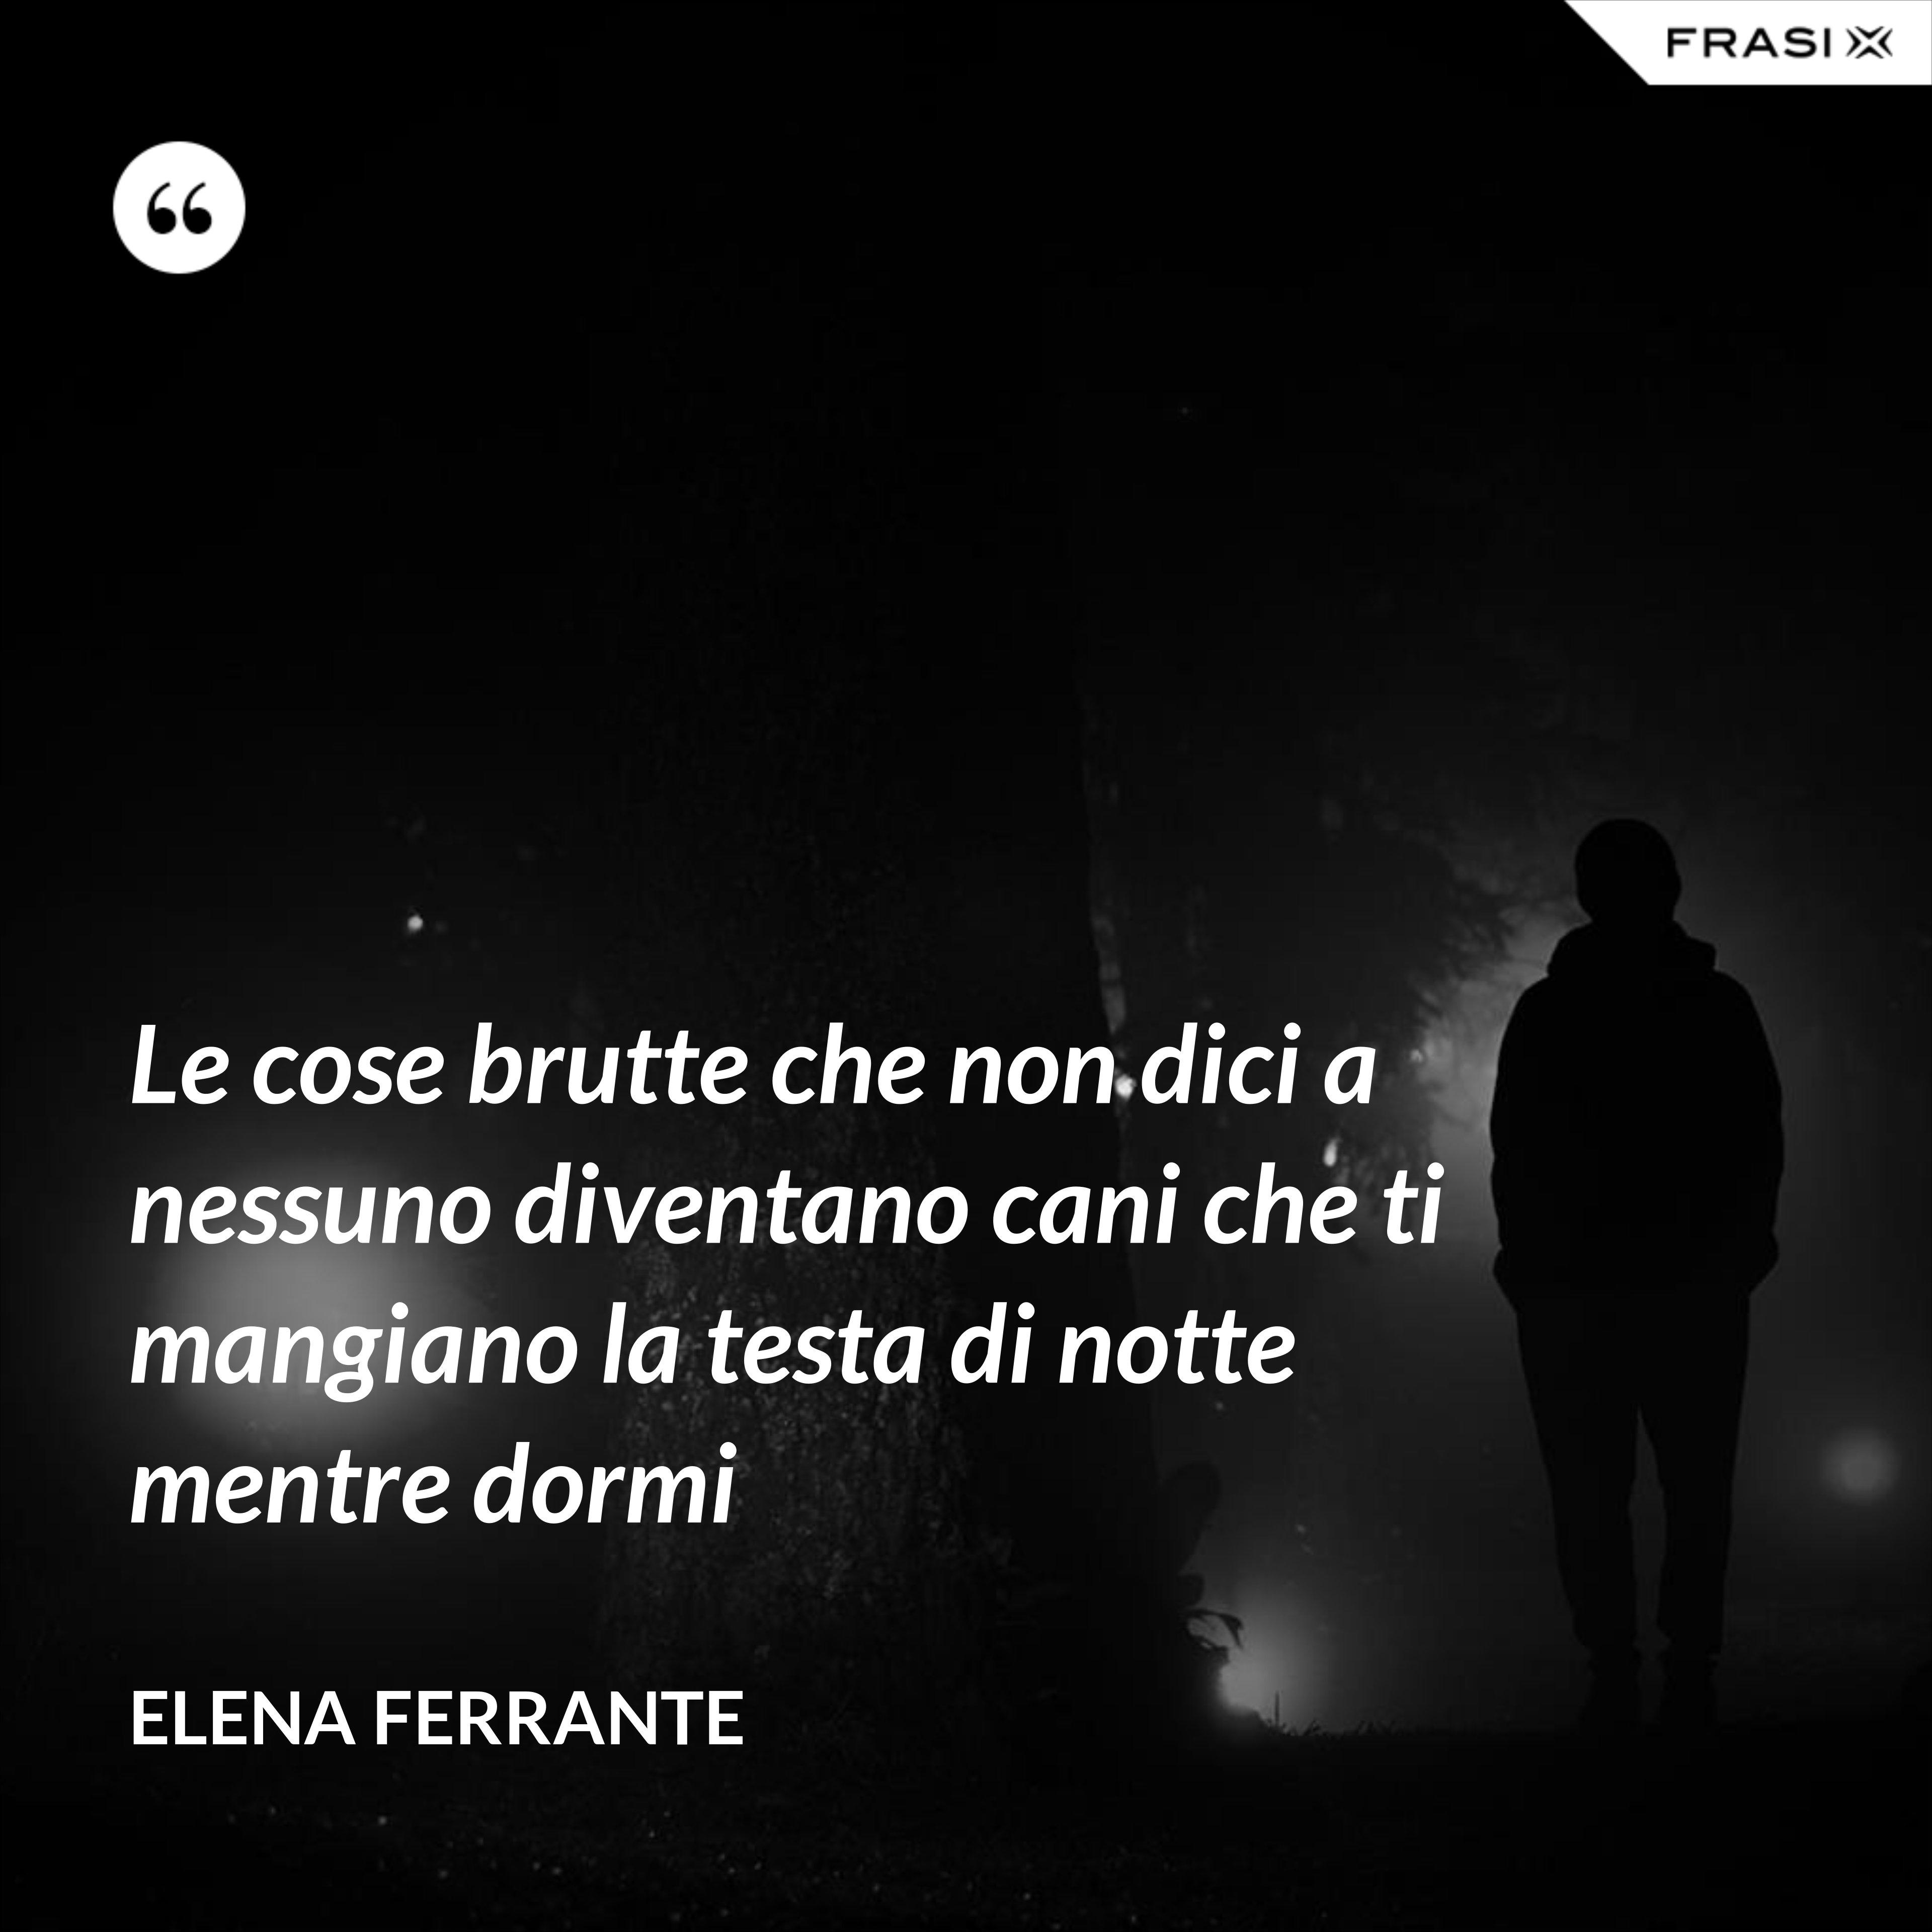 Le cose brutte che non dici a nessuno diventano cani che ti mangiano la testa di notte mentre dormi - Elena Ferrante